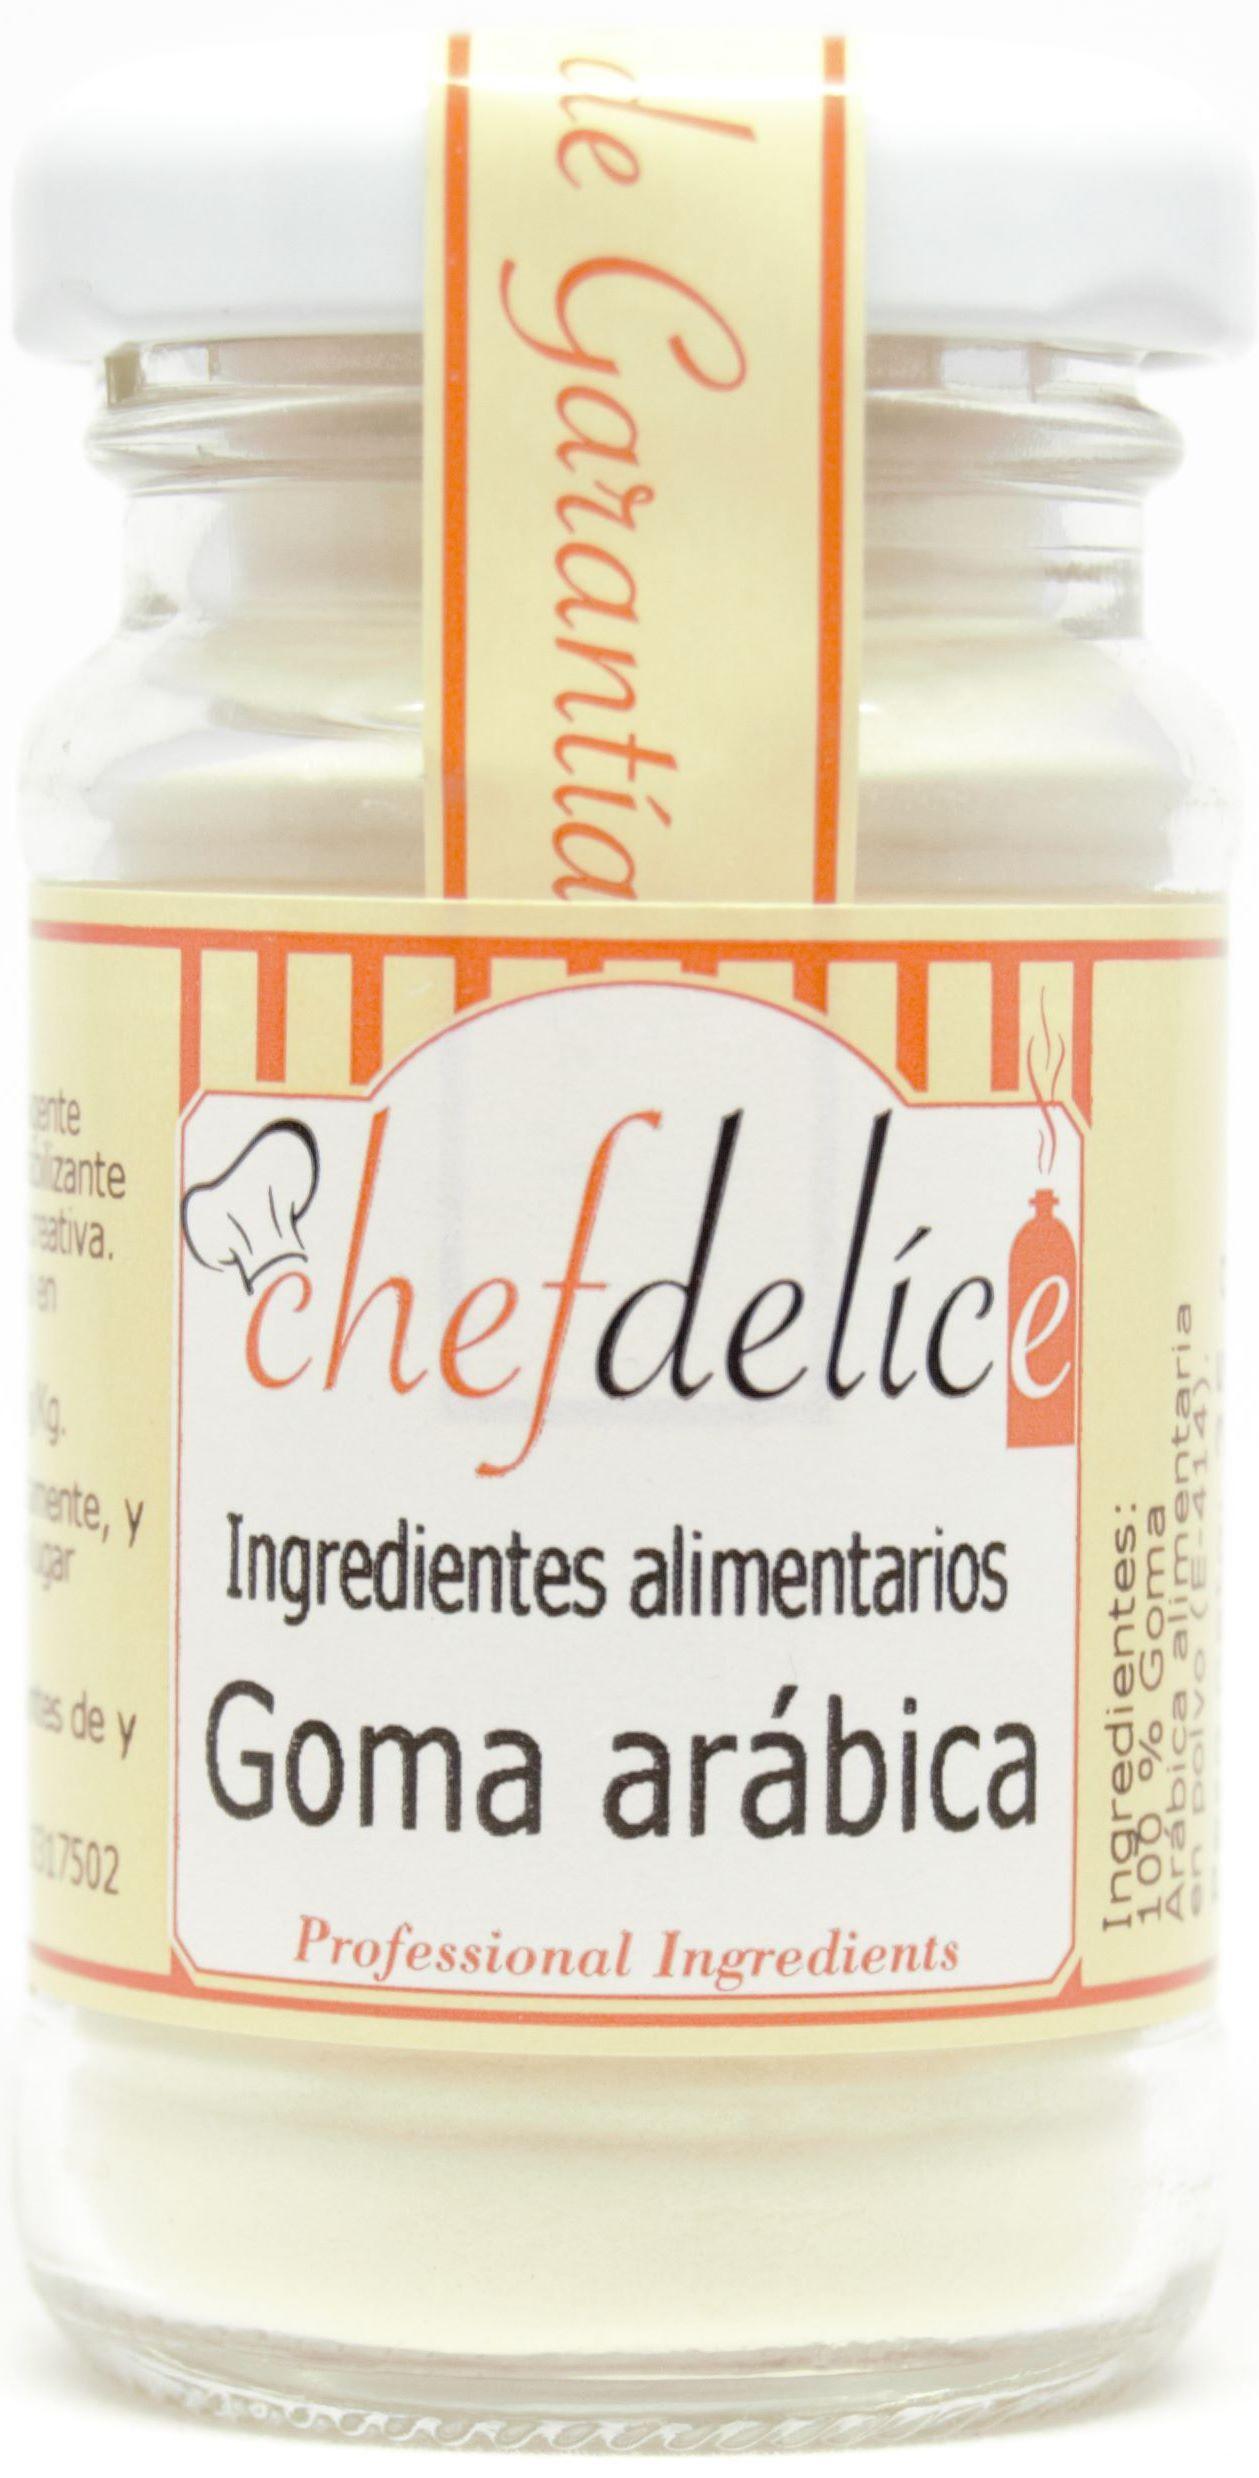 GOMA ARABICA 35 G CHEFDELICE en Biovegalia